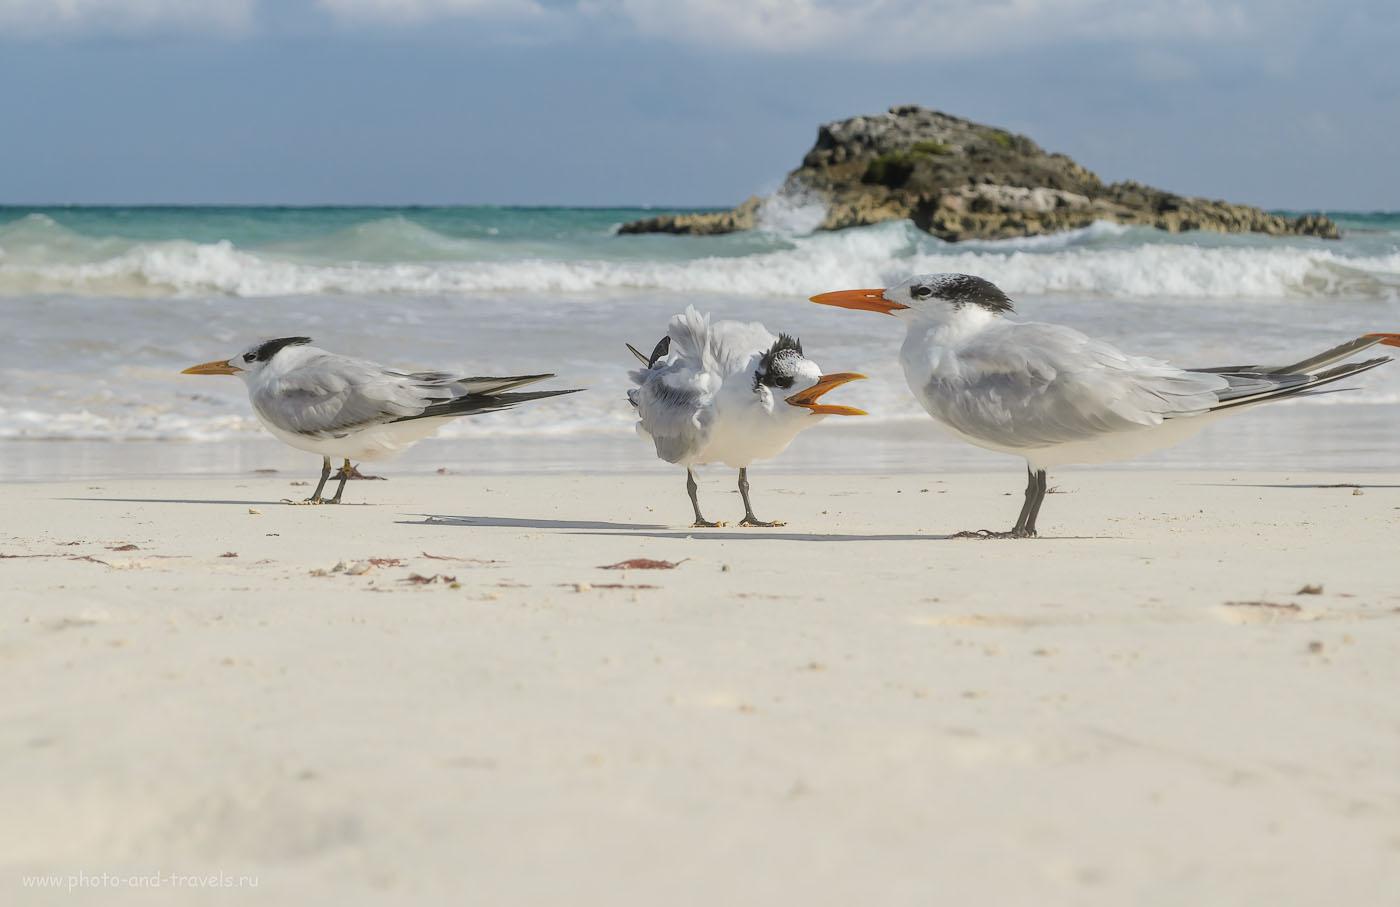 20. Мексика. Пляж в поселке Тулум (Tulum). Отзывы туристов об отдыхе. 1/1000, 9, 55, 100.